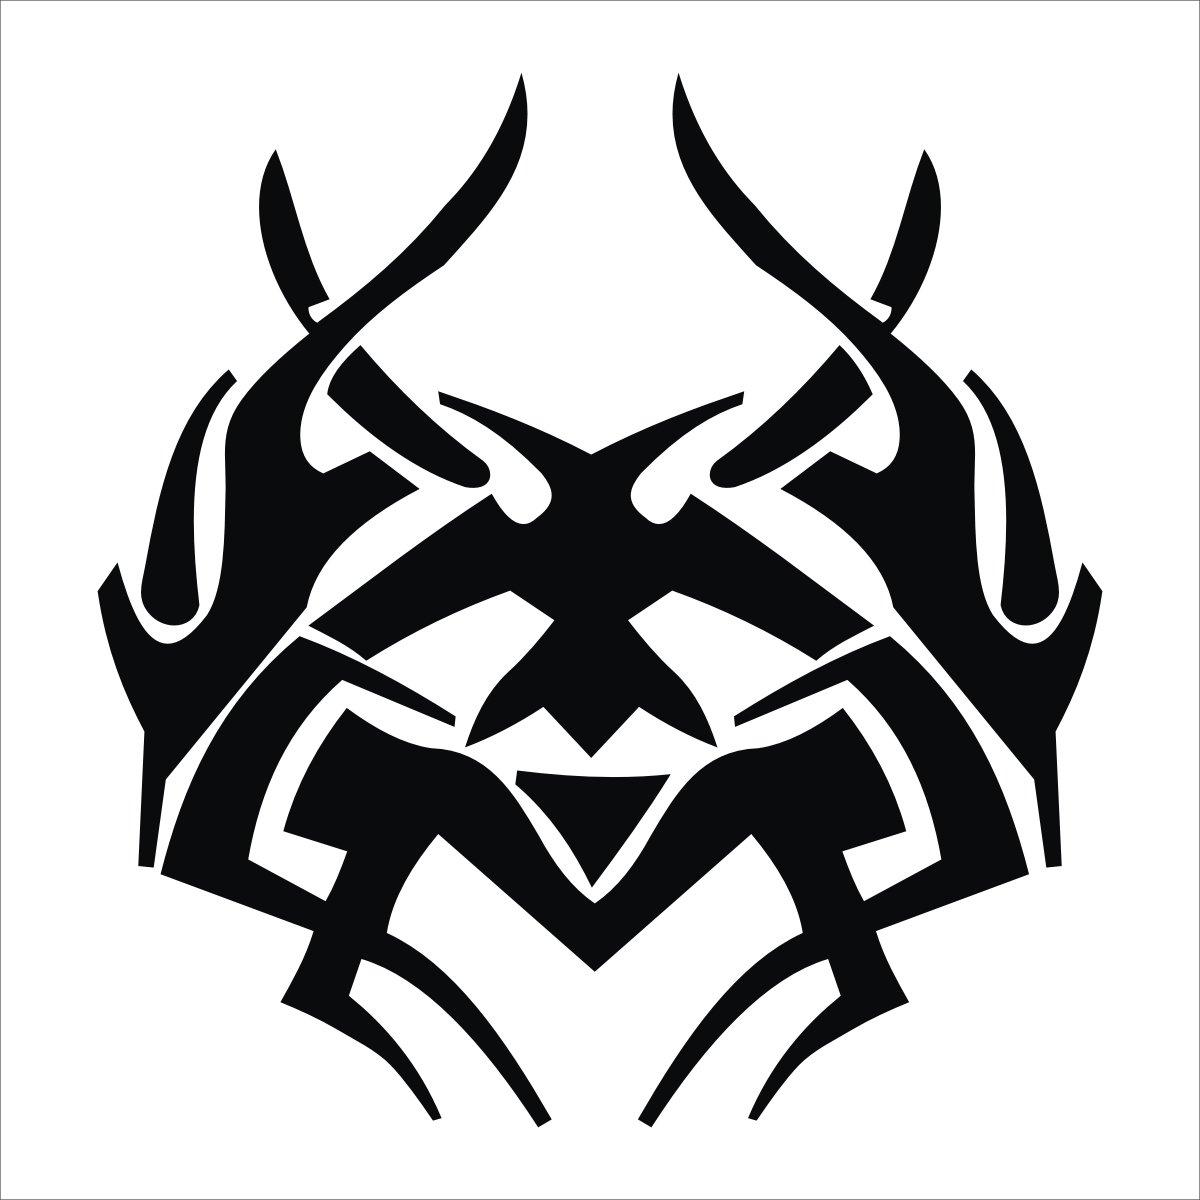 sk 深卡 个性运动龙标车身随意贴系列28款 黑色 20厘米图片